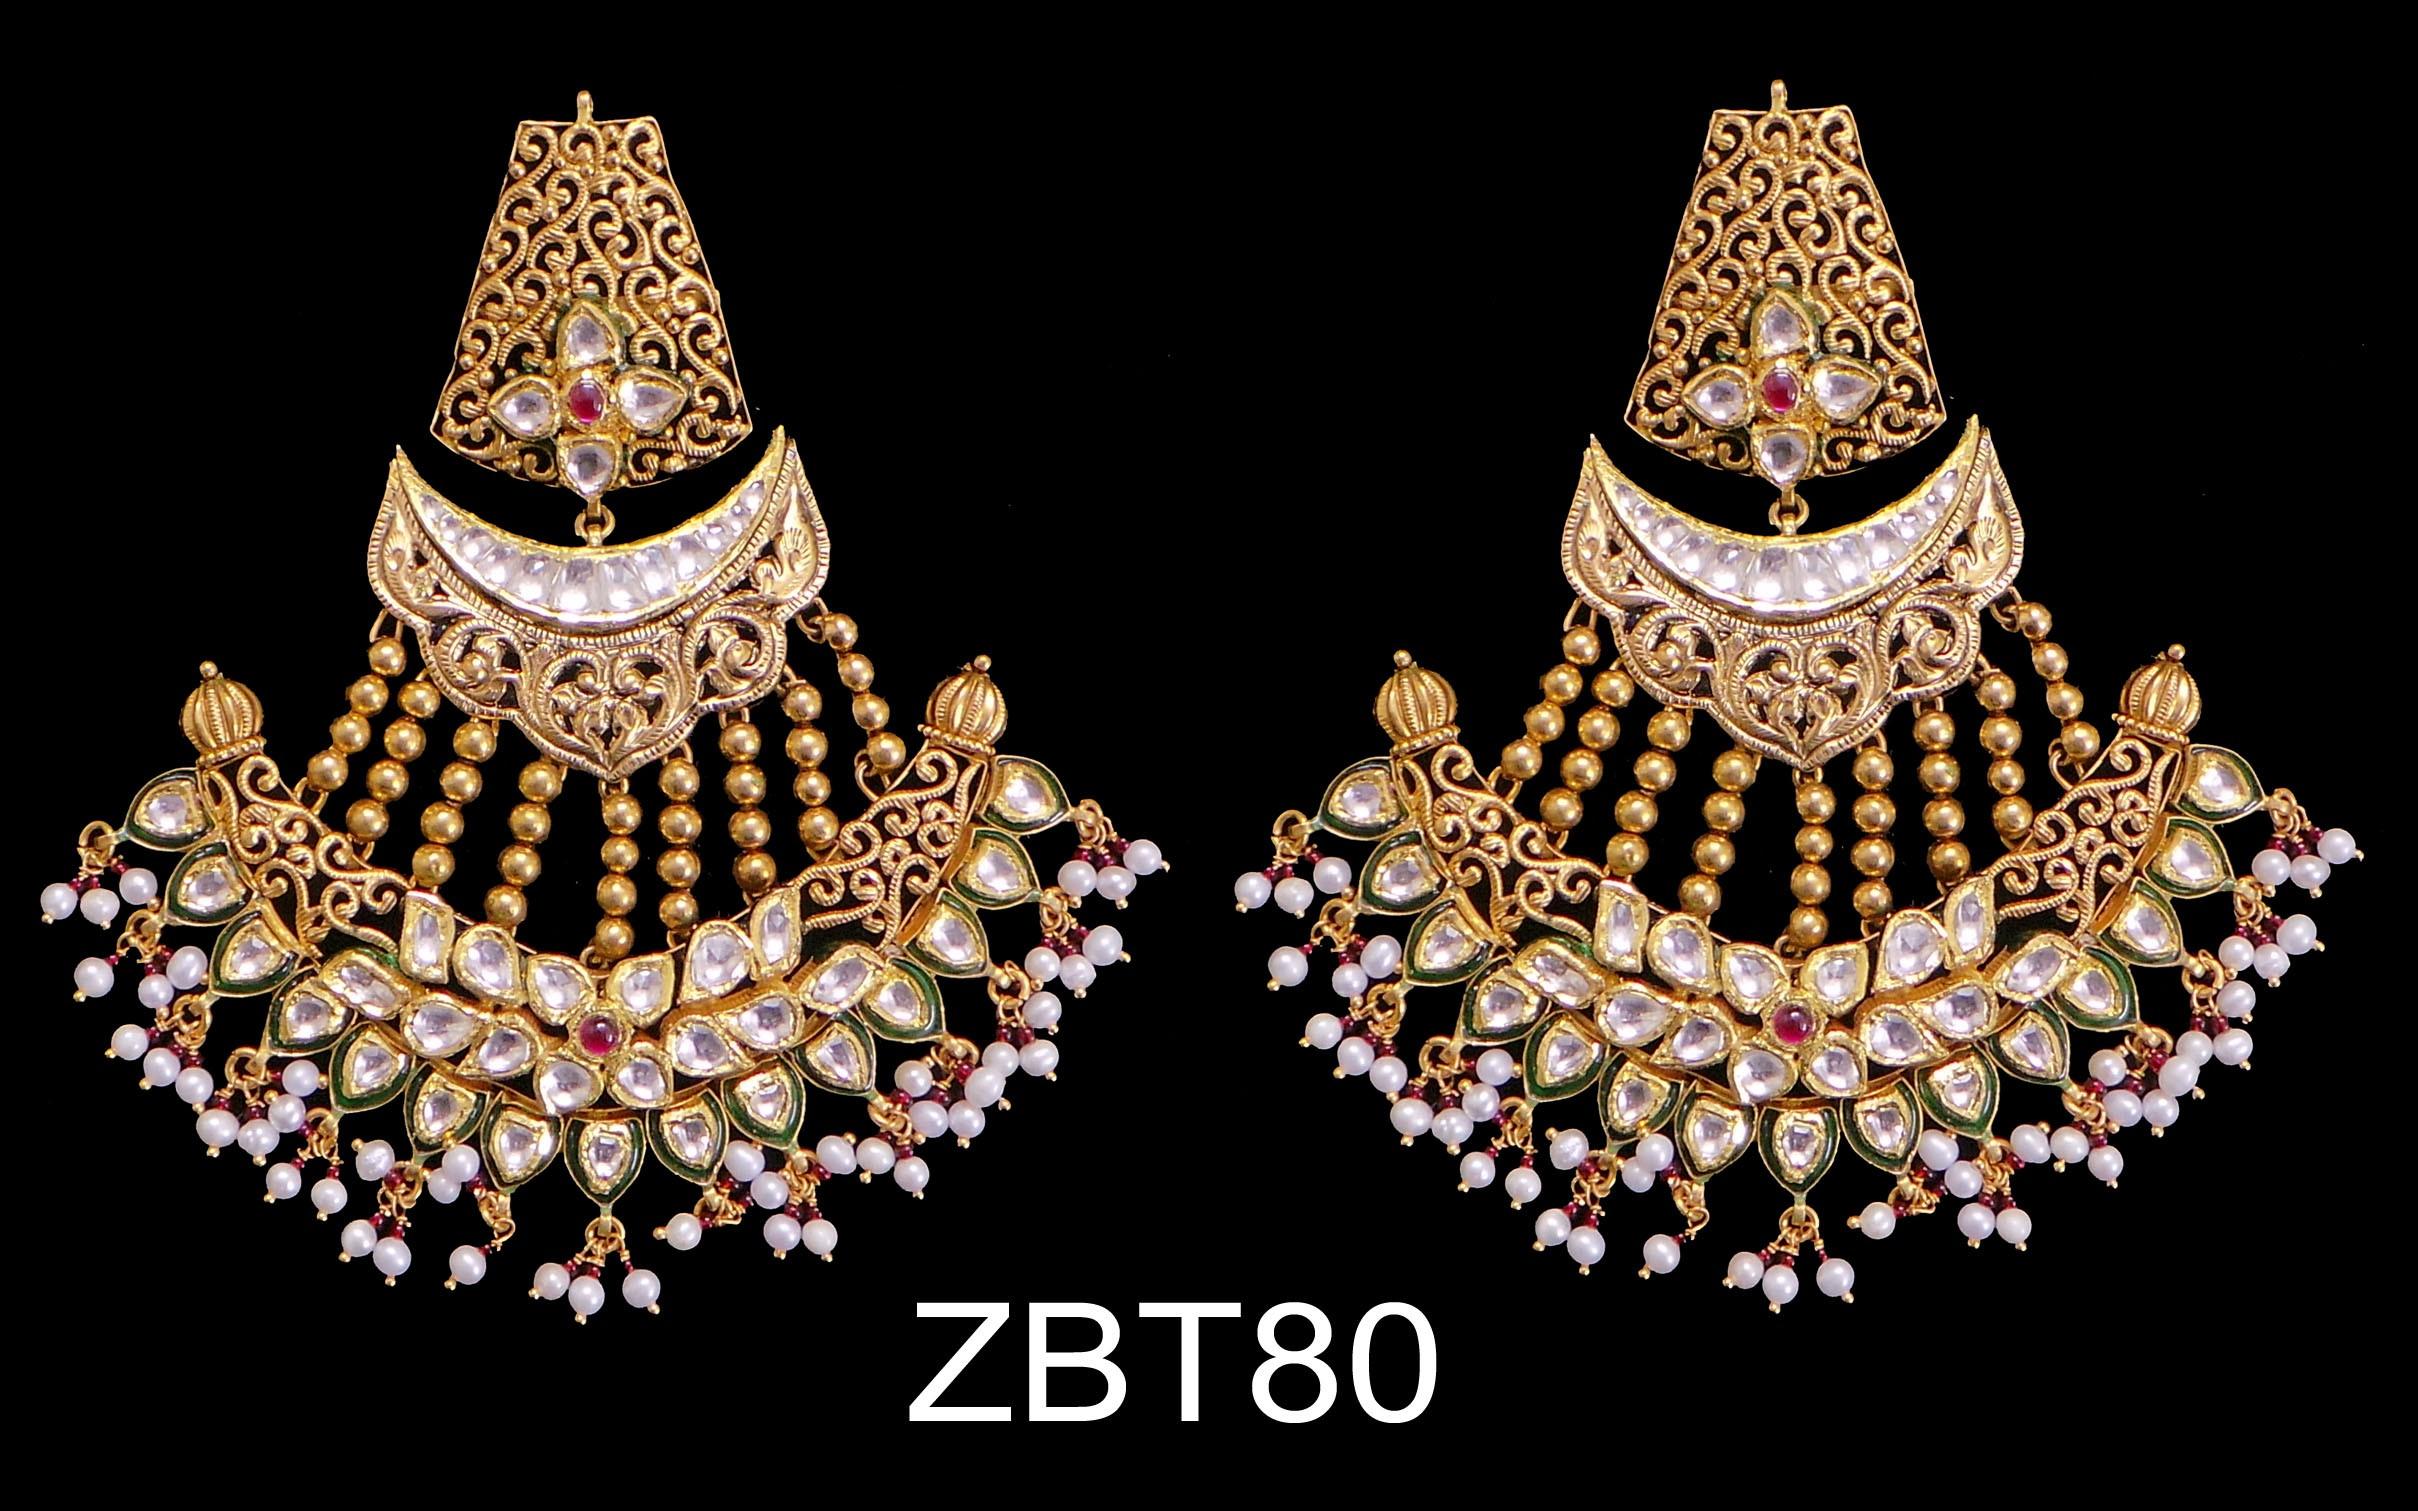 ZBT80